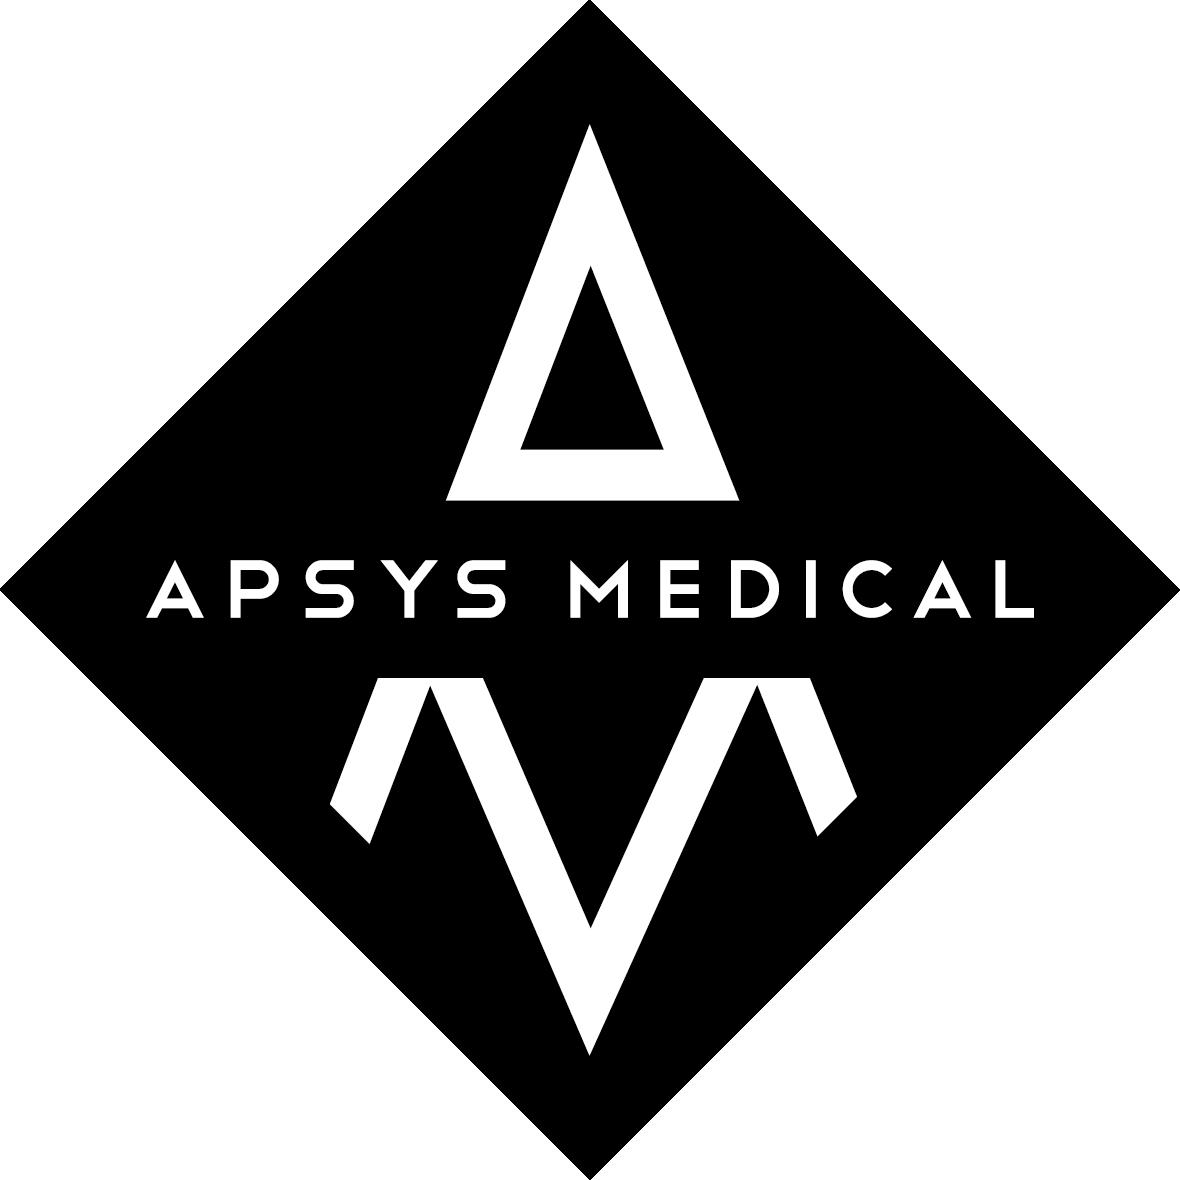 APSYS MEDICAL